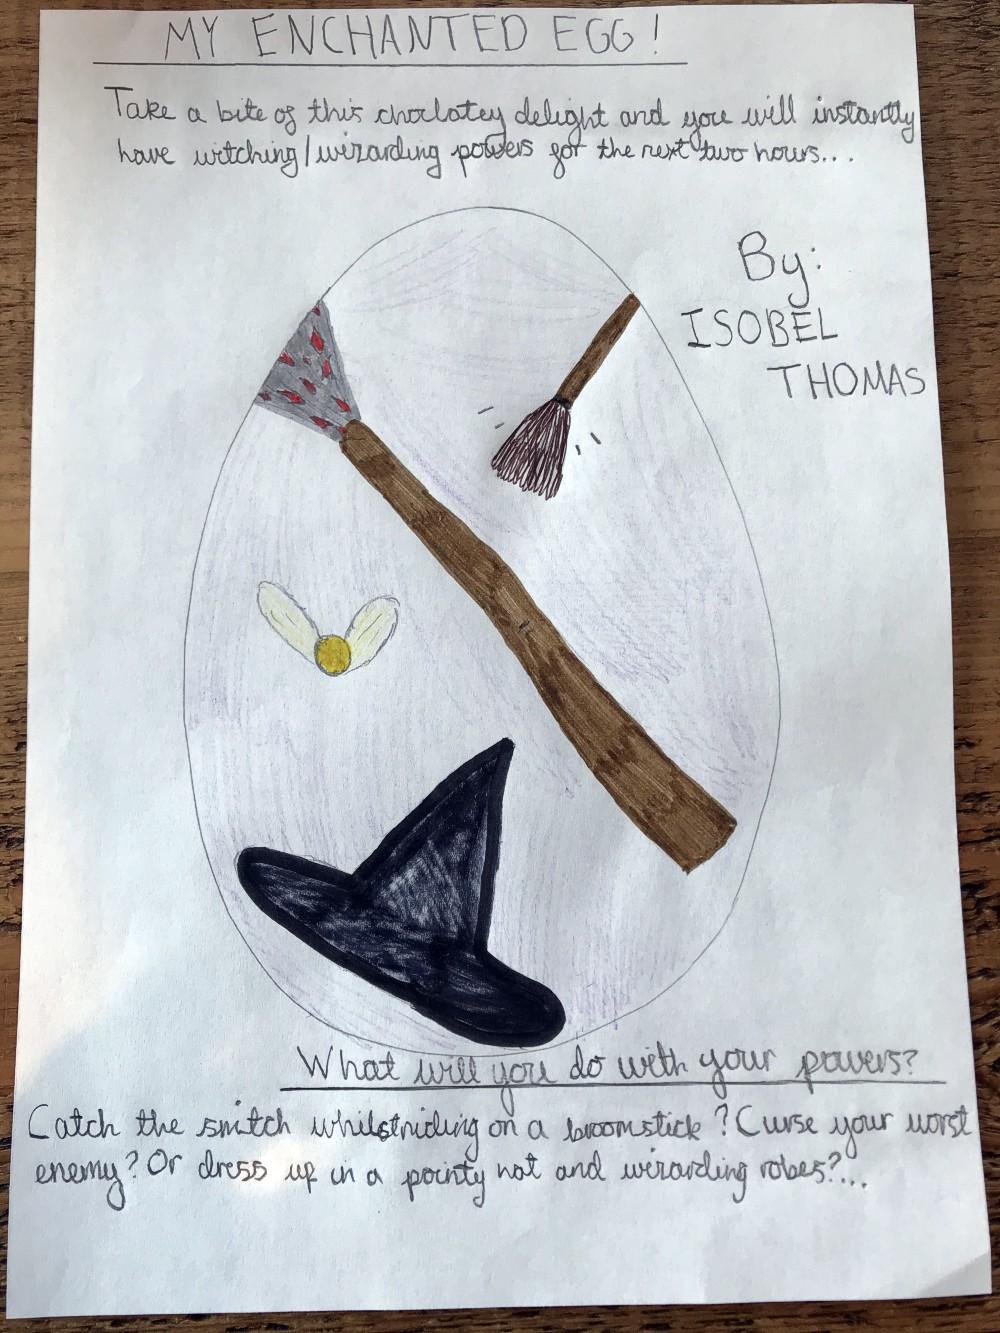 Wizarding egg - Isobel Thomas (age 10)